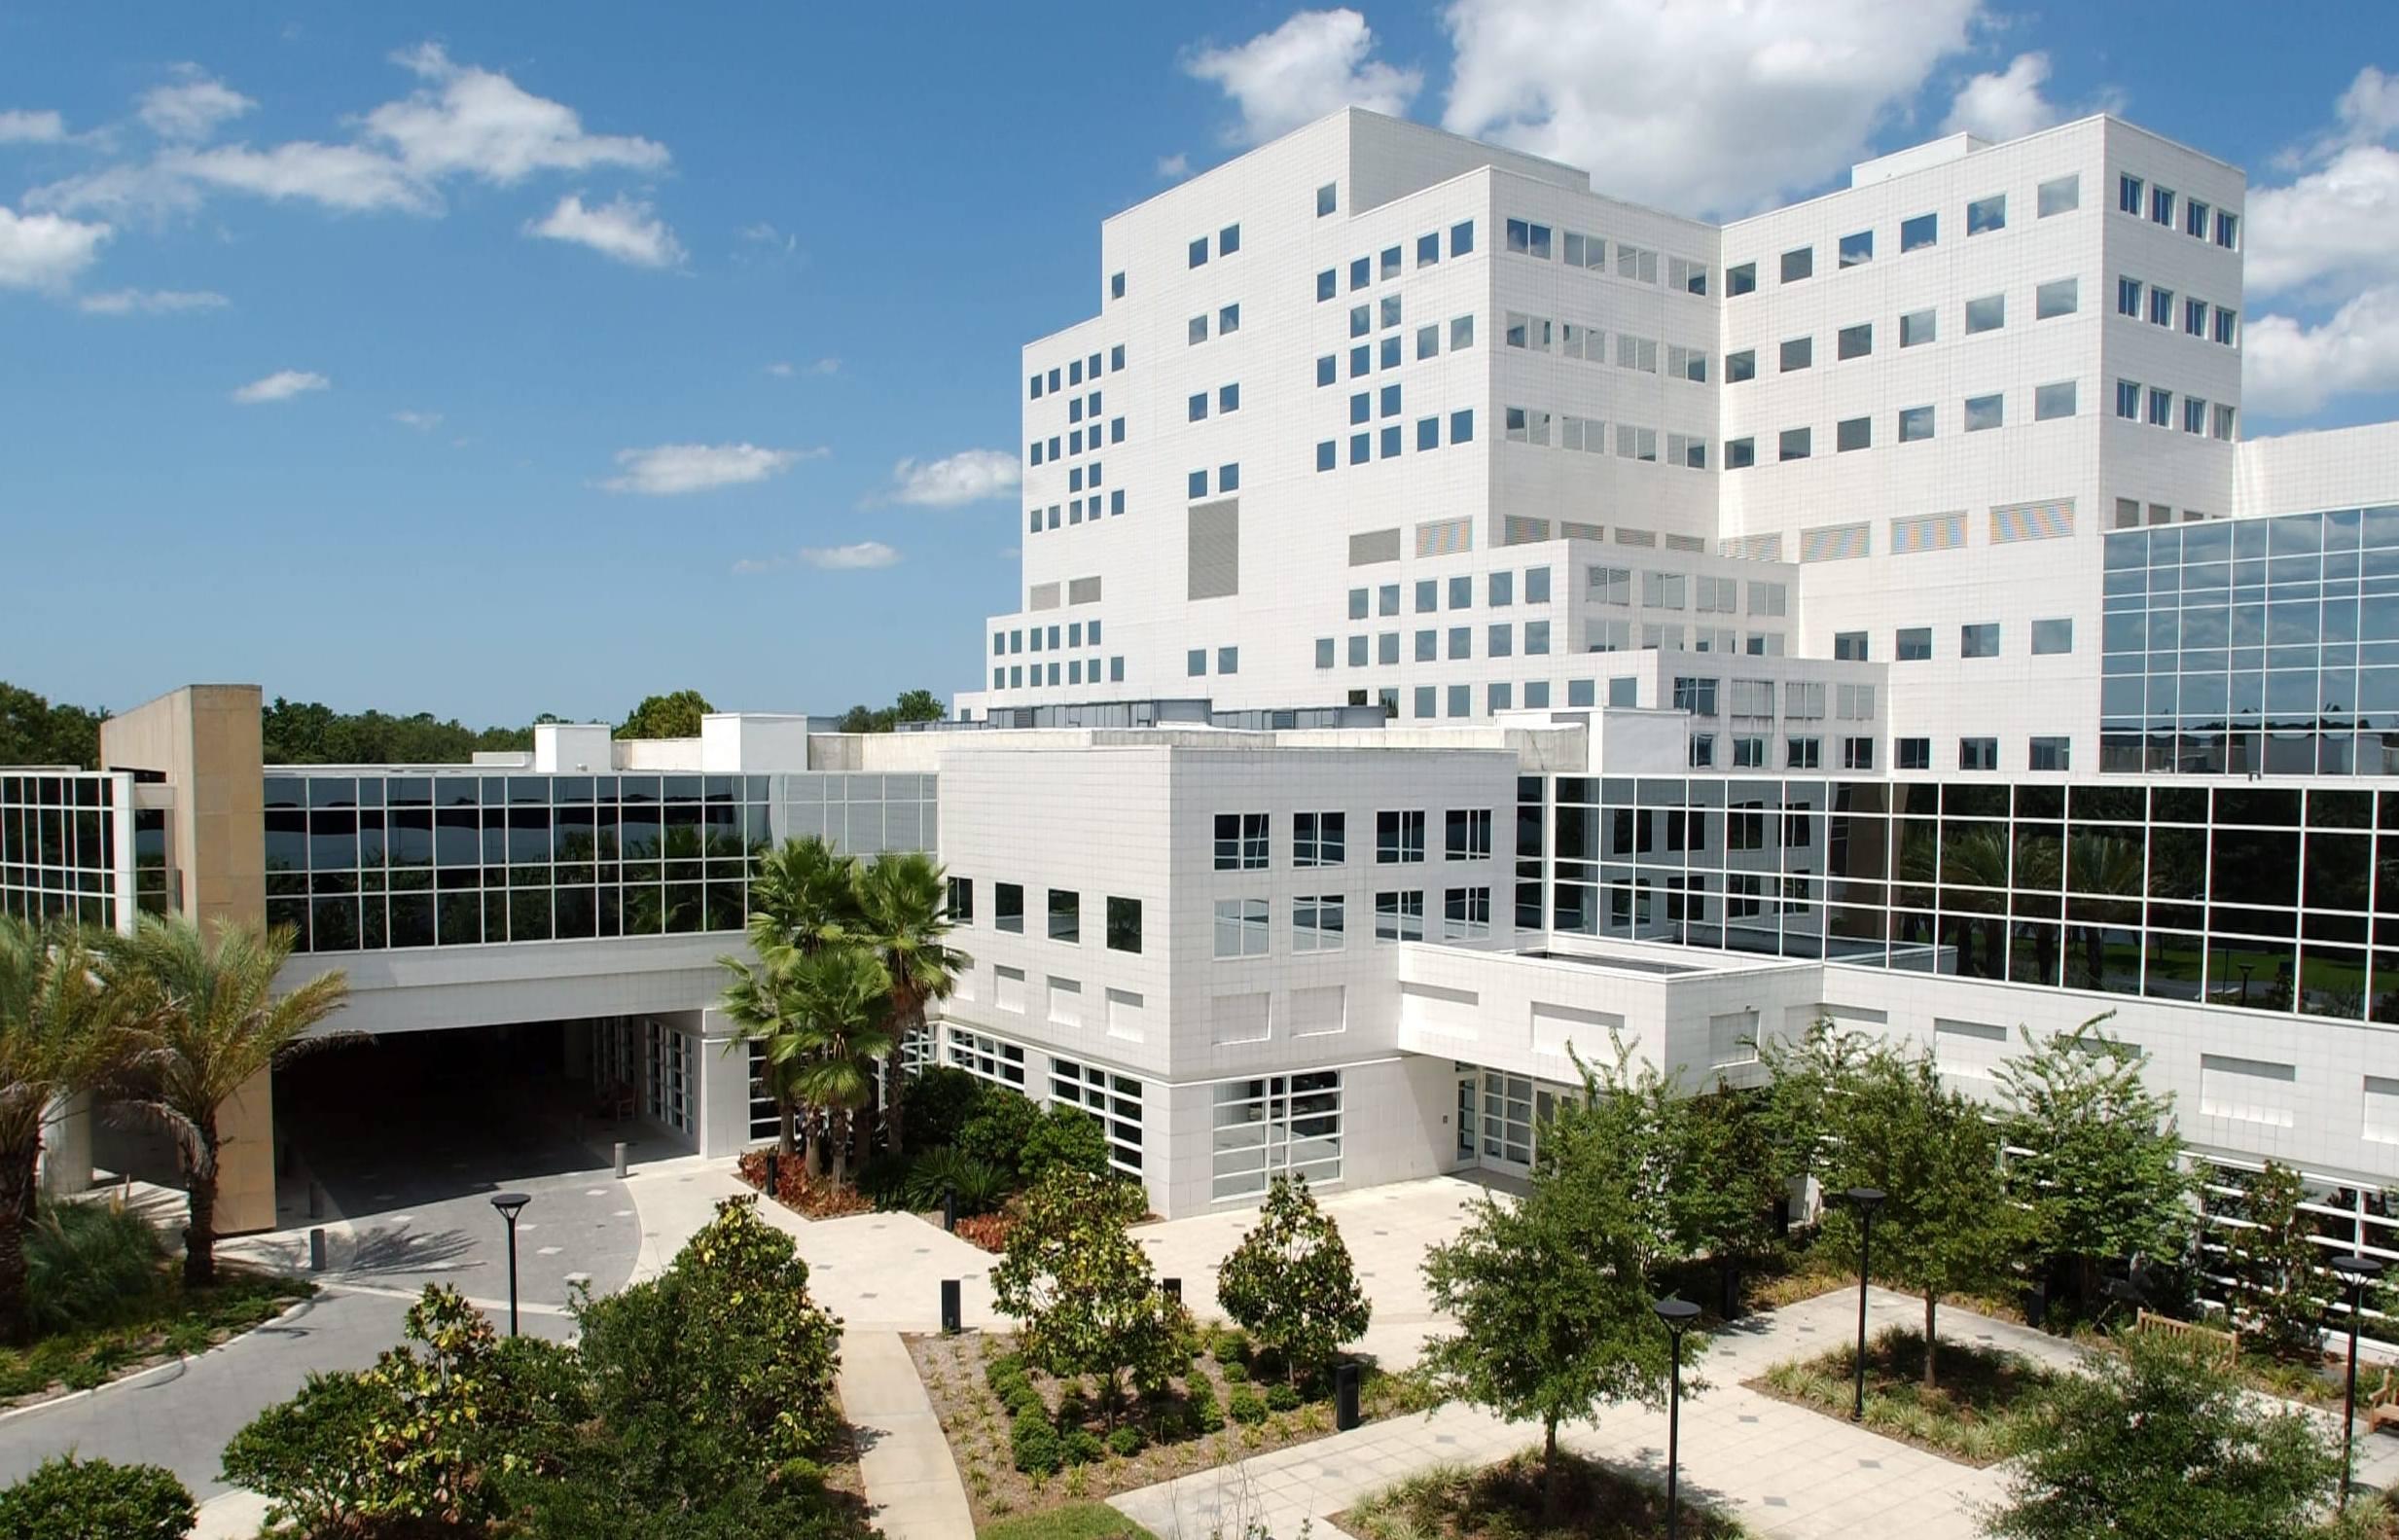 Очищение от старых клеток продлевает жизнь - Медицинский колледж клиники Майо